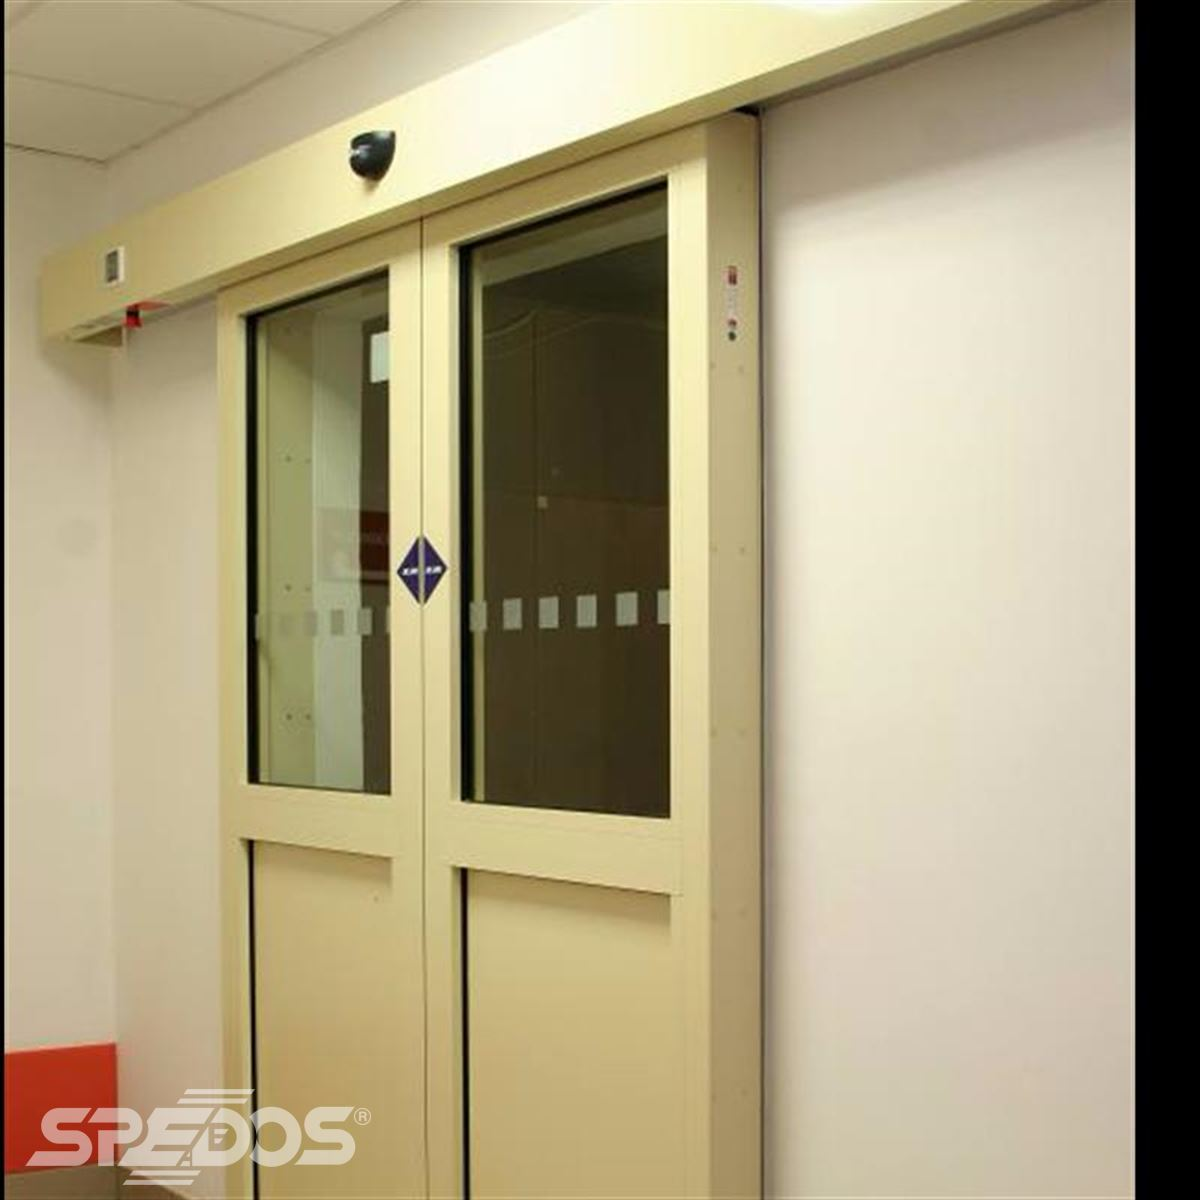 Požární automatické posuvné dveře Spedos